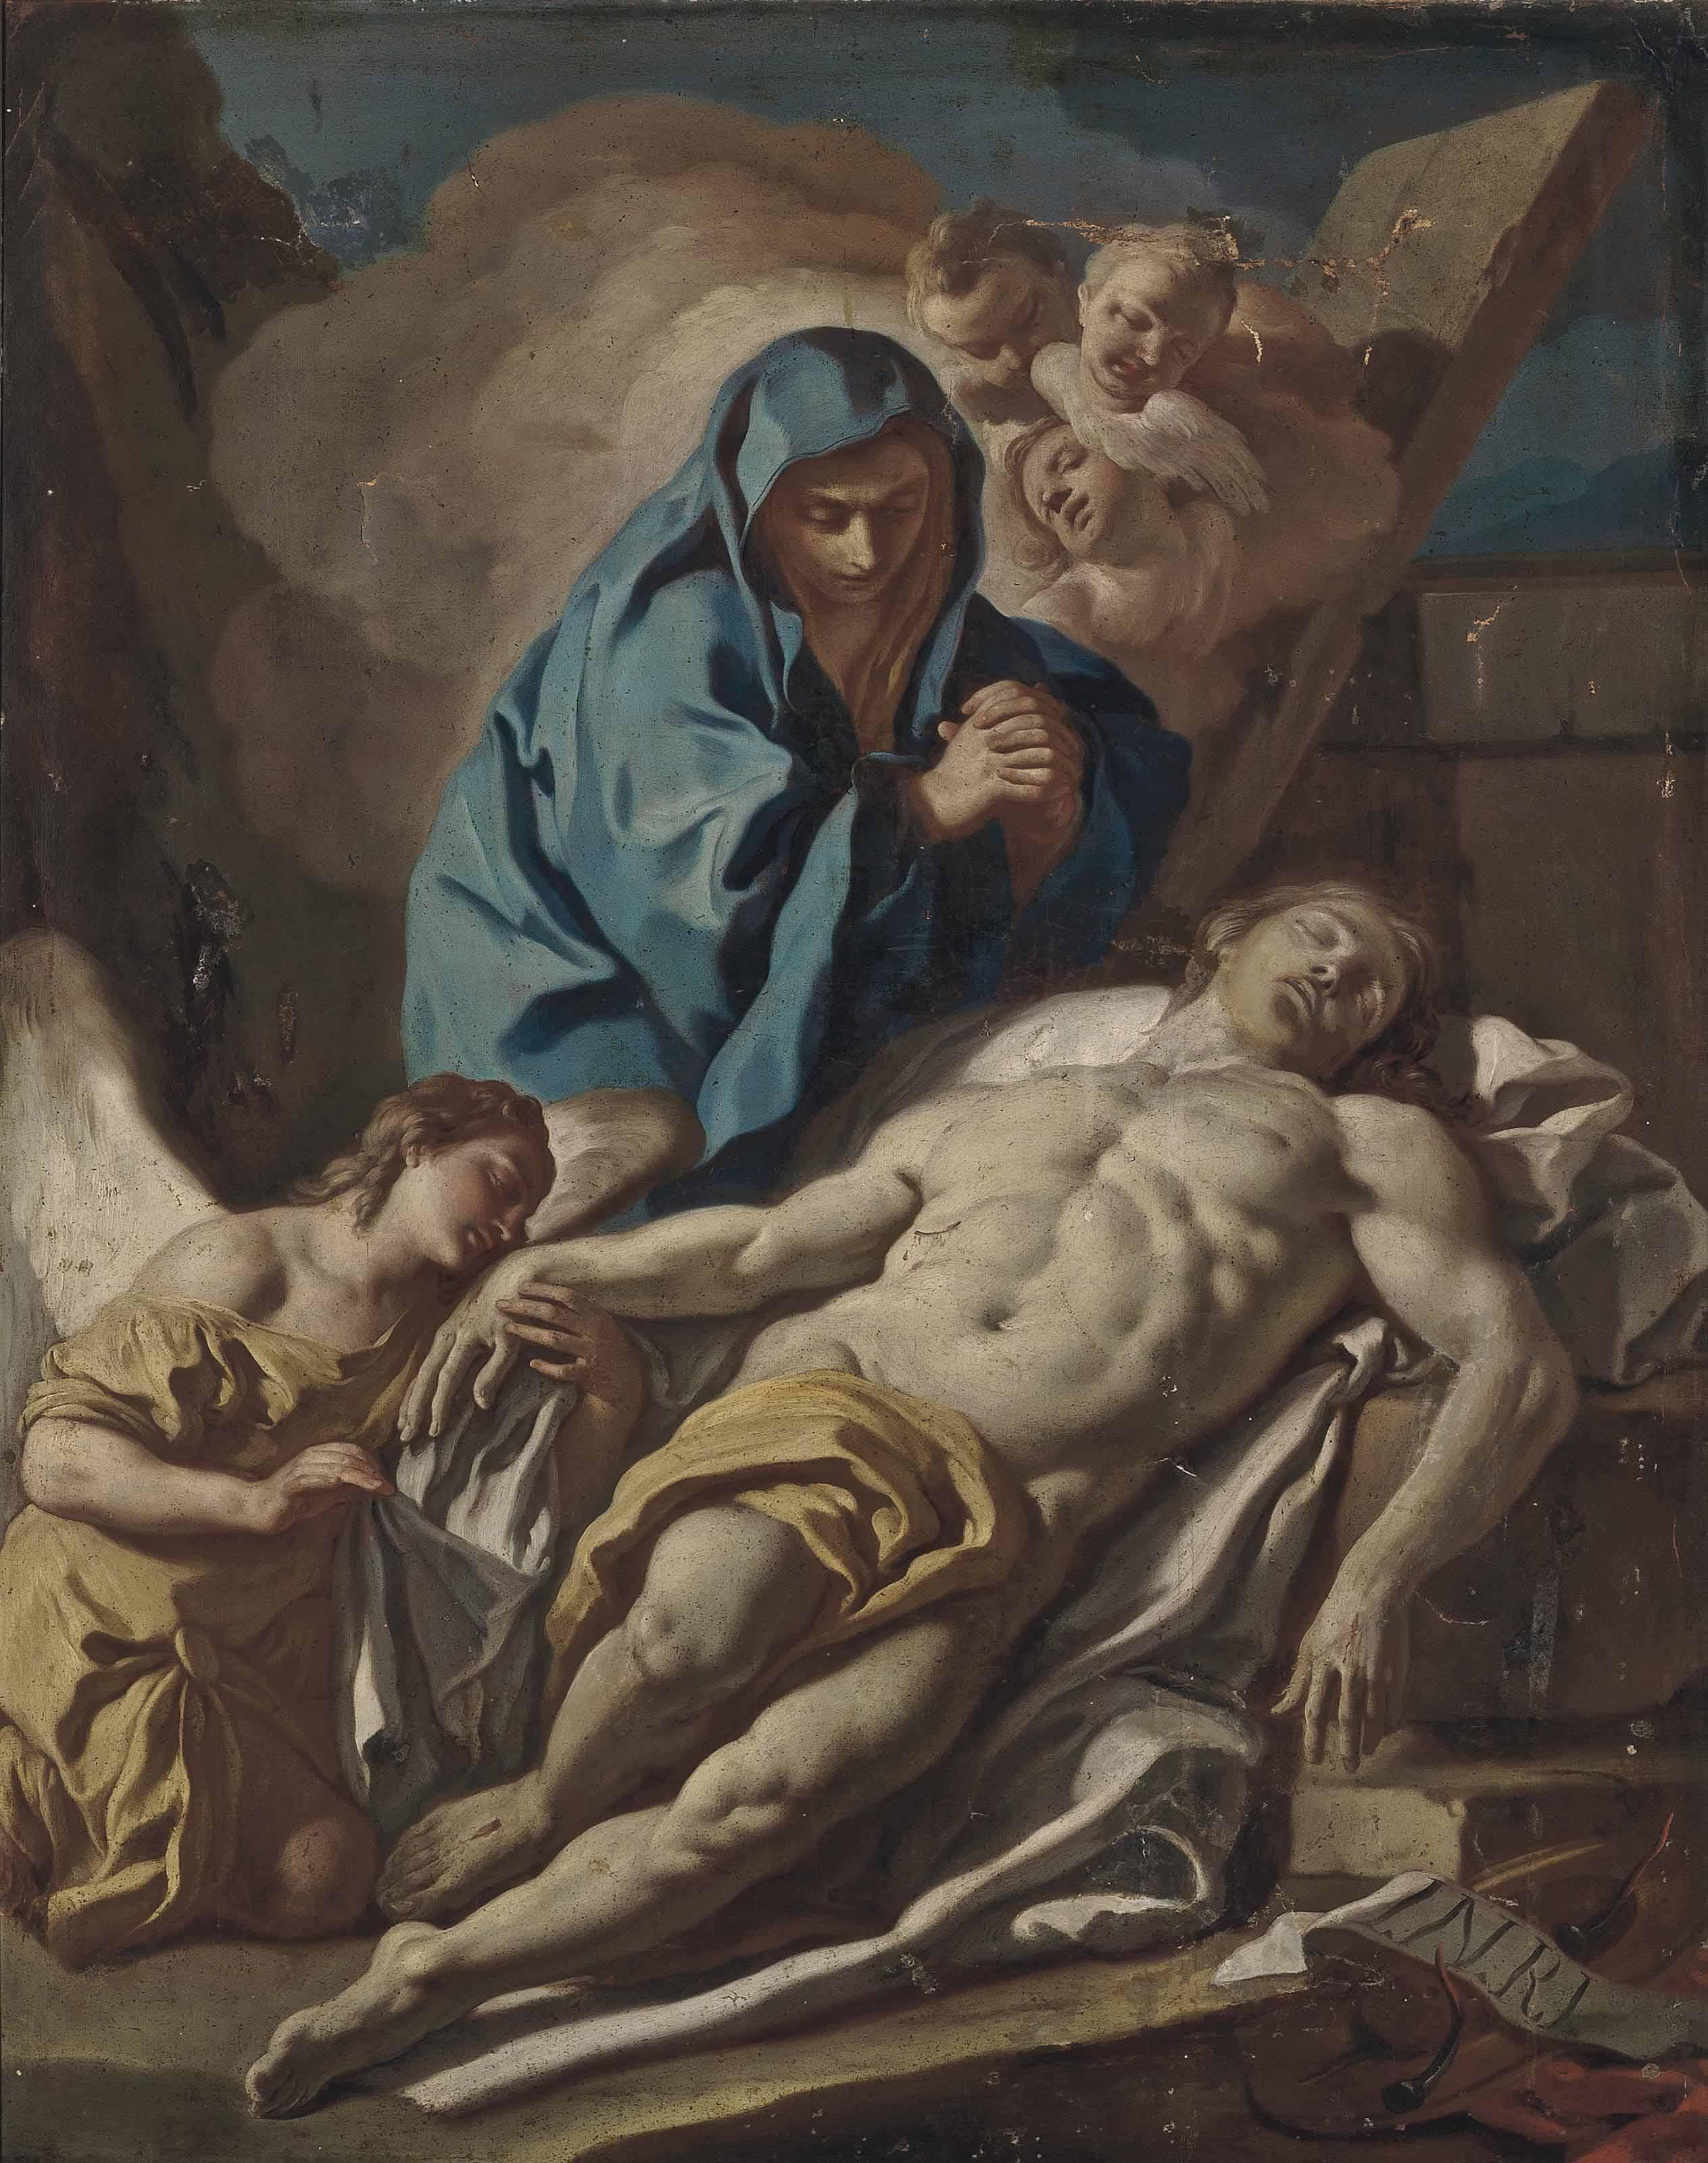 Attributed to Francesco de Mur